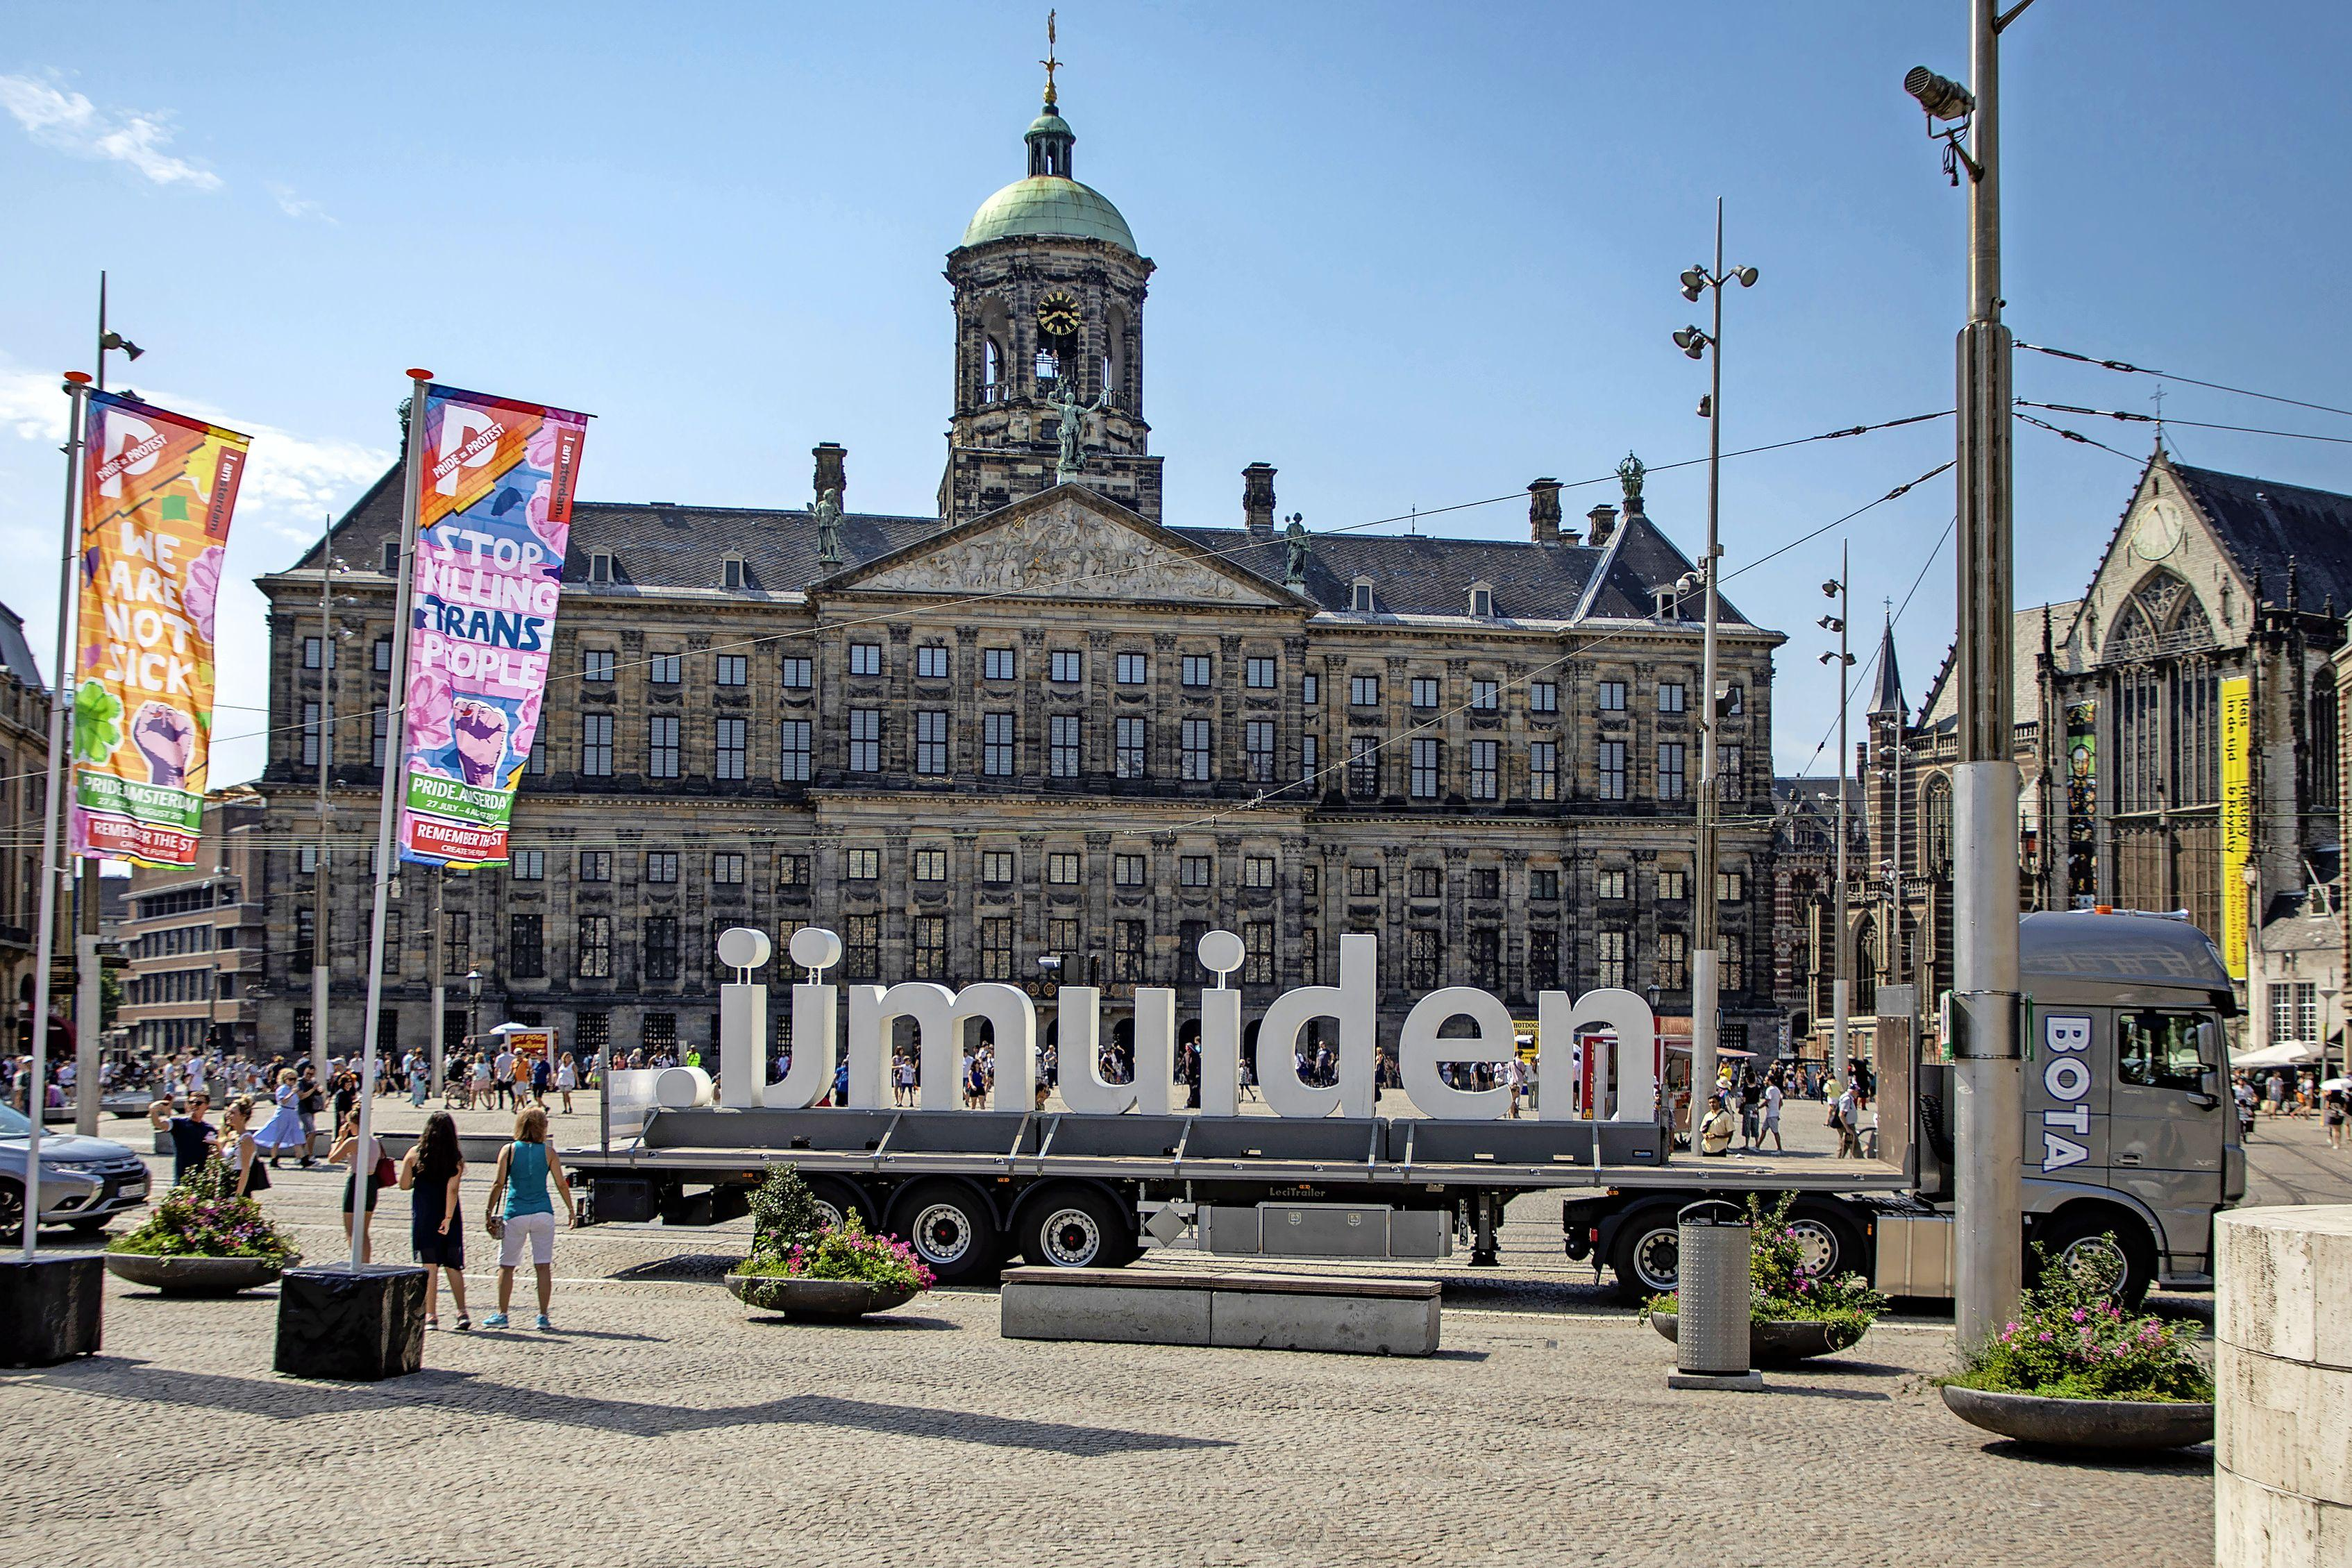 Gezocht: guerillacampagne voor promotie IJmuiden (en Velsen). Misschien de Formule 1 op Zandvoort?